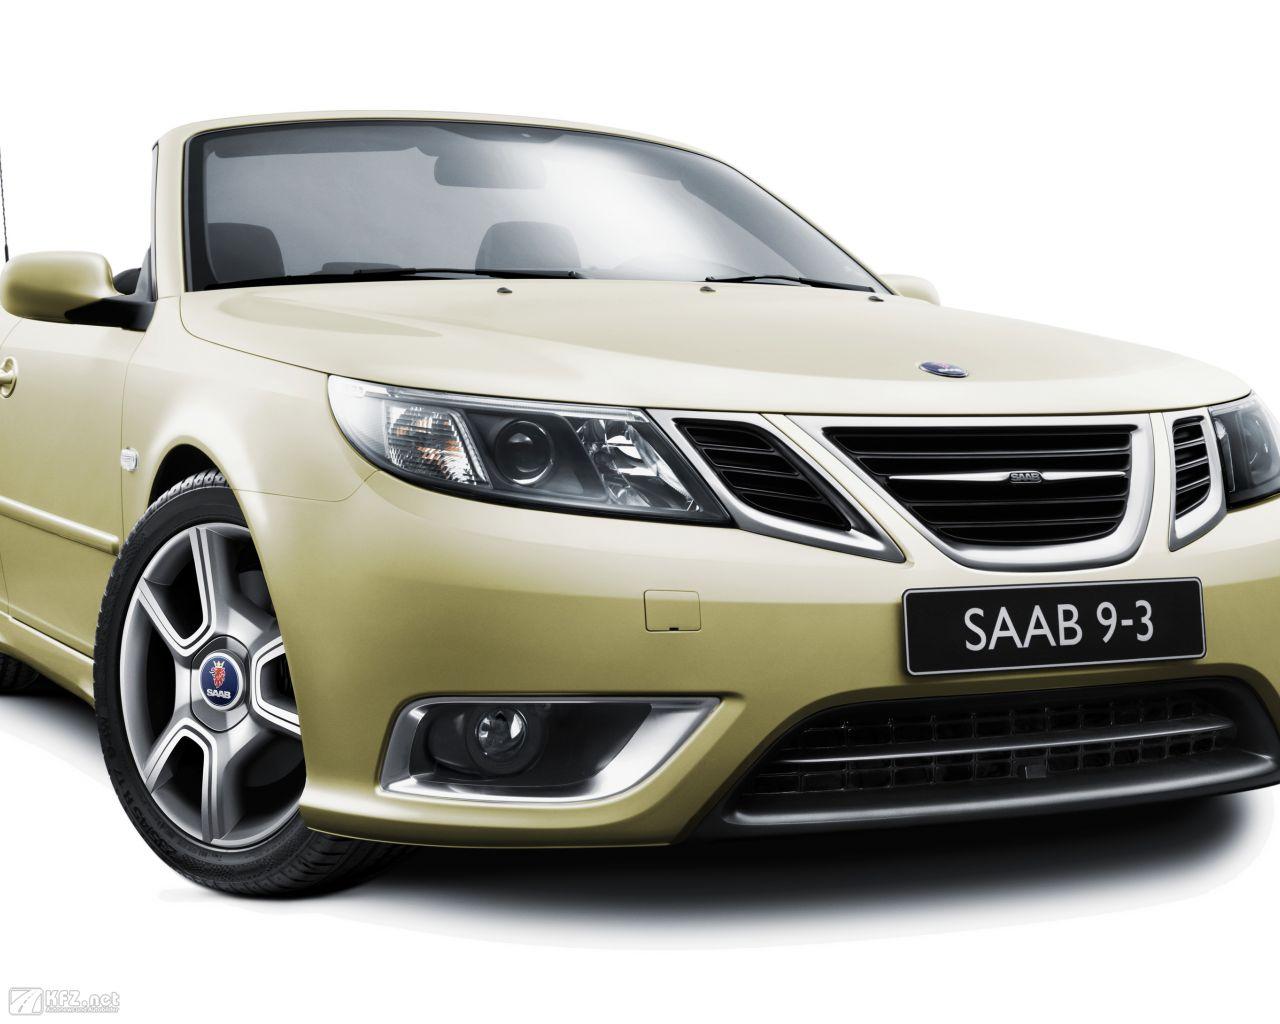 saab-cabrio-93-1280x1024-2